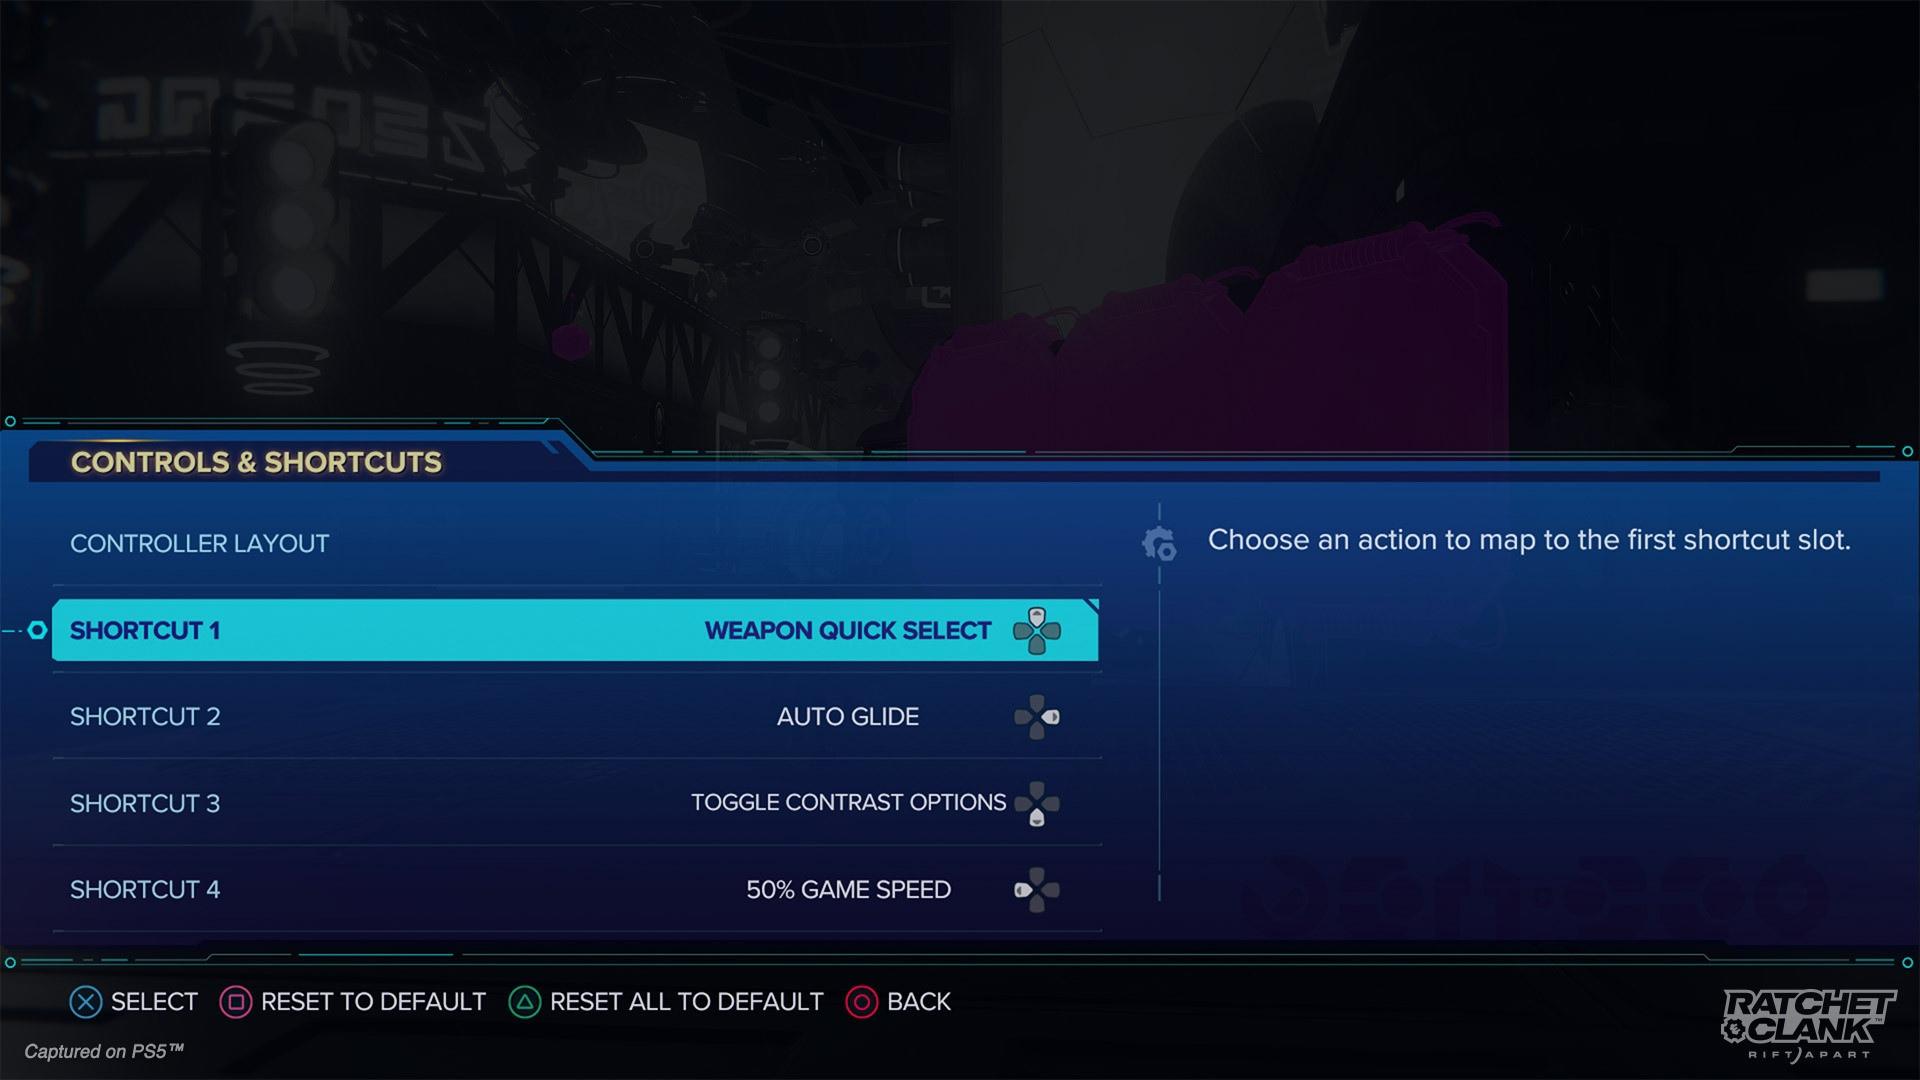 Insomniac Games постаралась на славу с количеством разнообразных настроек в Ratchet & Clank: Rift Apart